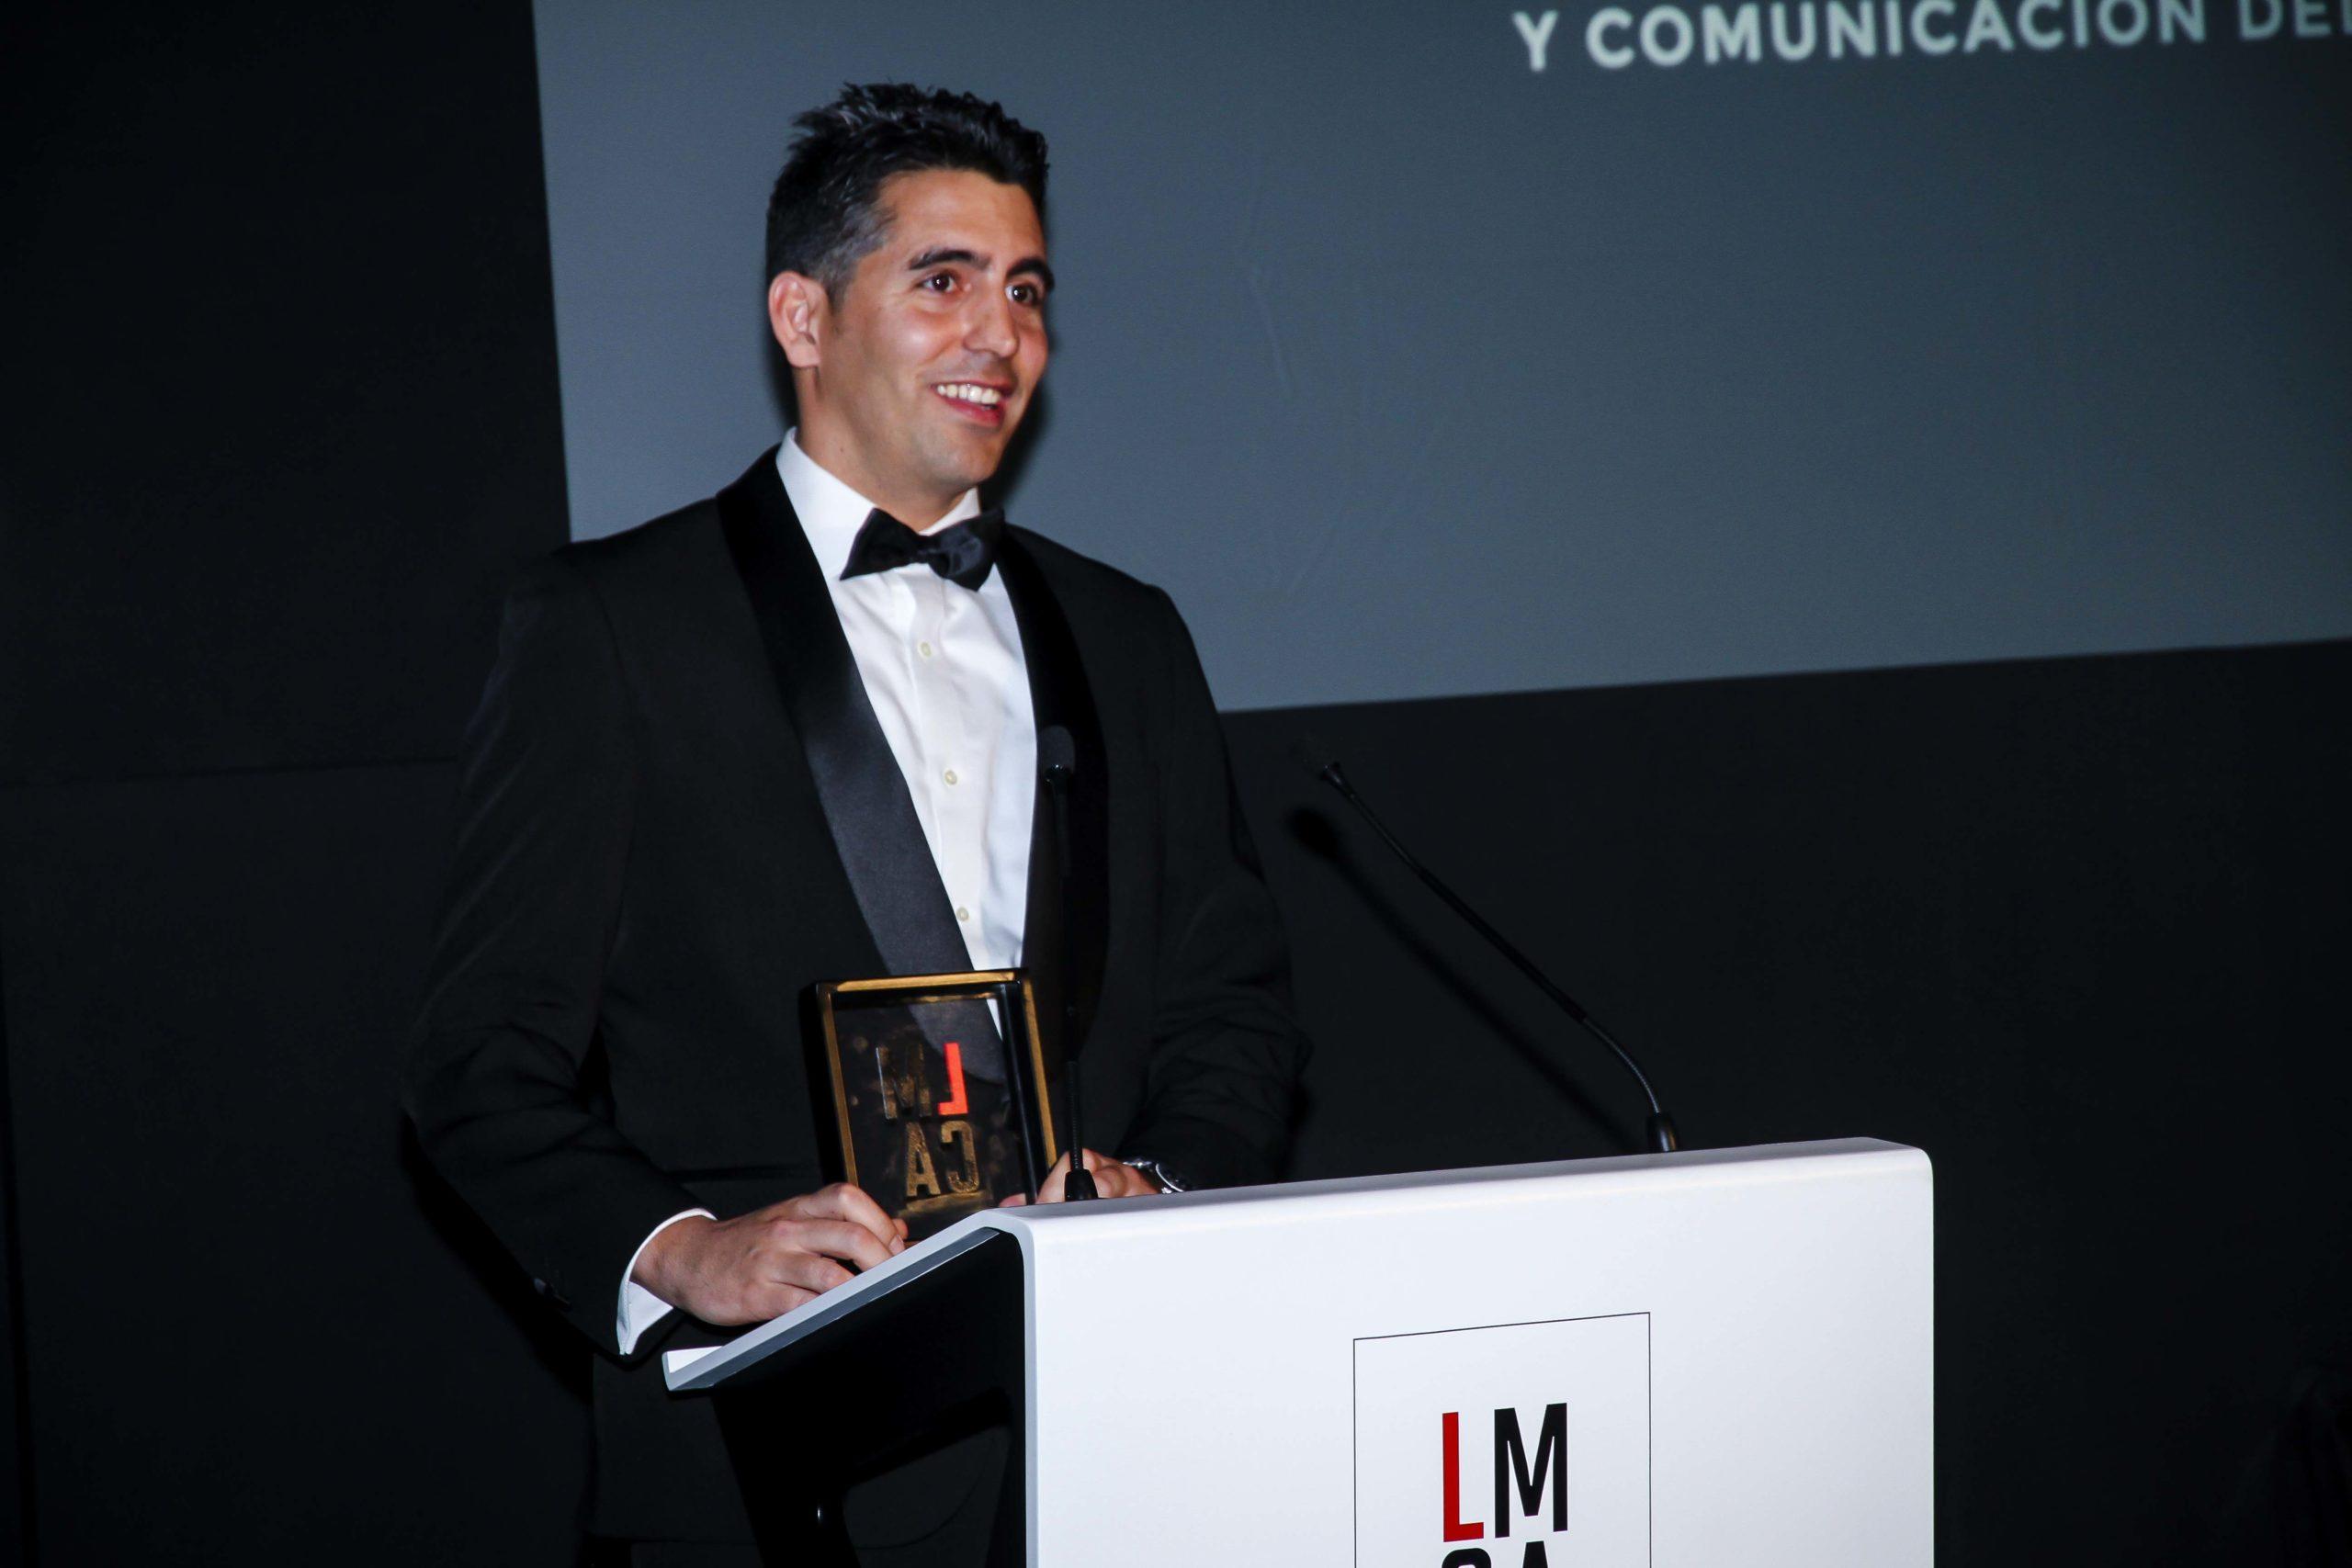 Jorge Graupera, socio director del despacho barcelonés Legalcity subió dos veces para recoger dos premios: a la mejor Comunicación Digital y a la mejor Campaña de Marketing Jurídico en banda 3. Confilegal.